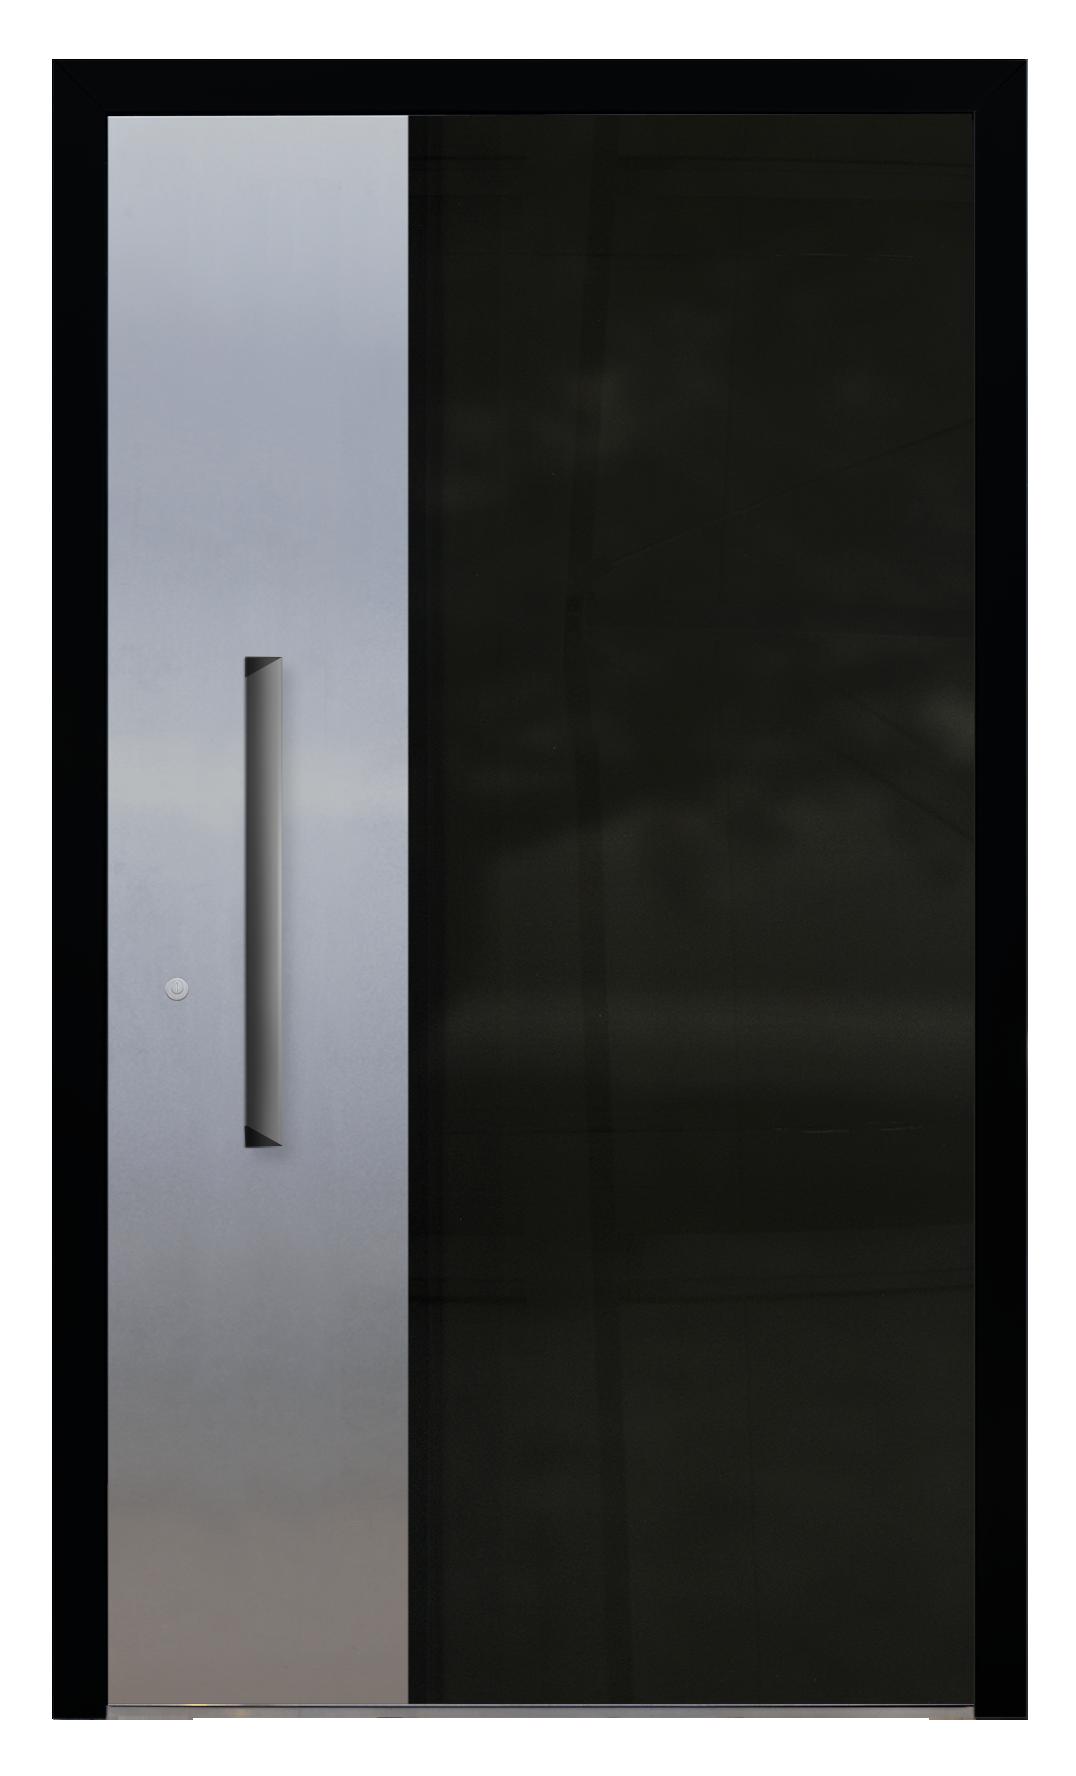 drzwi aluminiowe panelowe - AL (17), kolor czarny, aplikacja alu,ukryty pochwyt